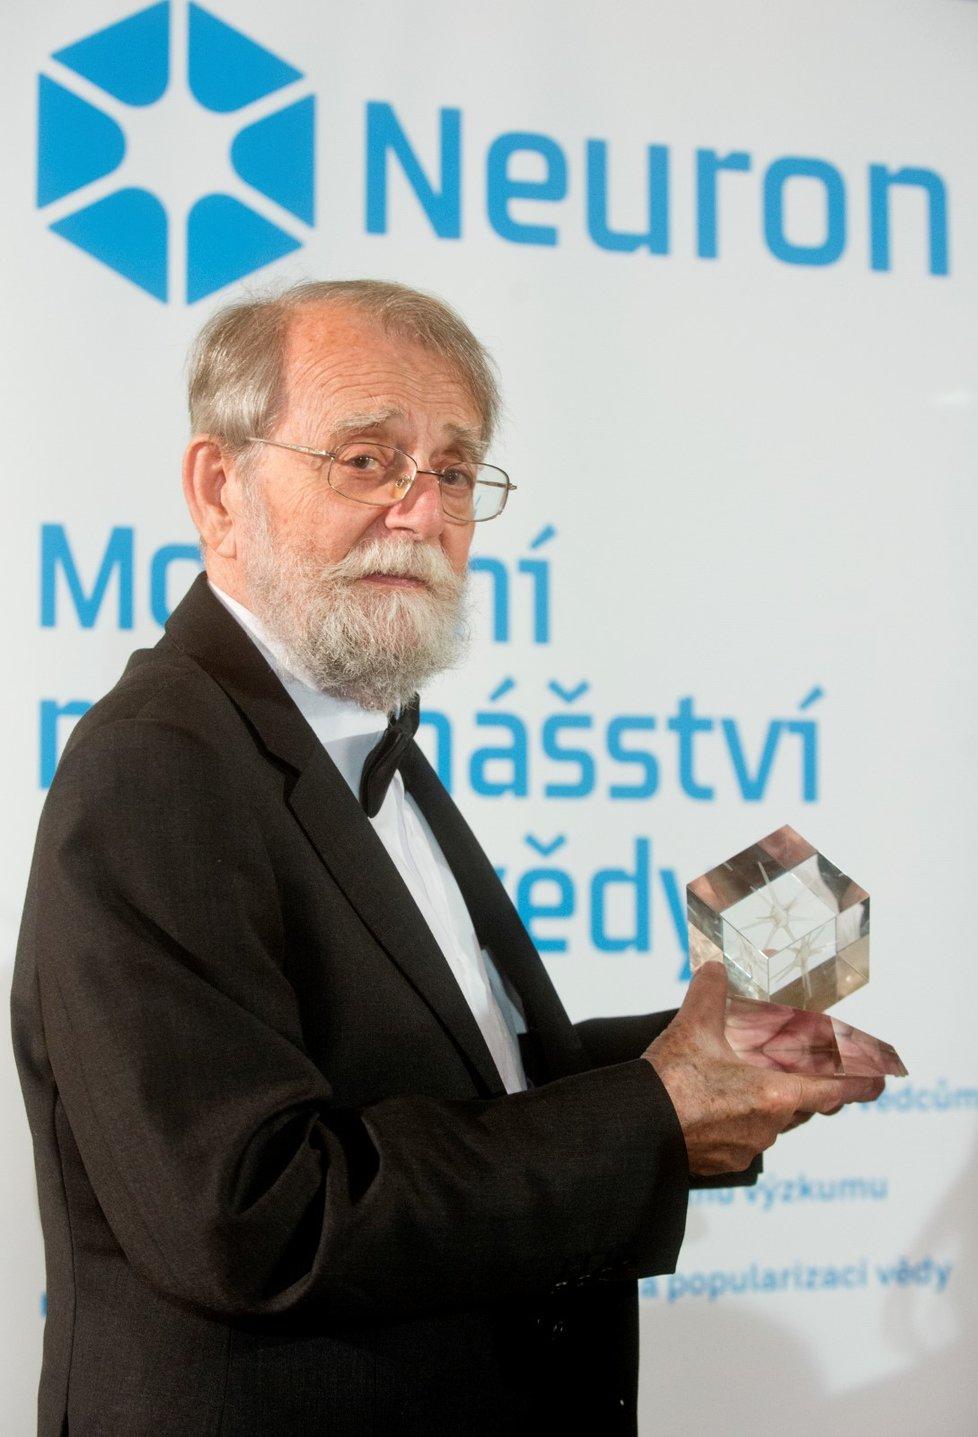 Ve věku 87 let zemřel 14. ledna 2021 mezinárodně uznávaný archeolog Evžen Neustupný (na archivním snímku z 11. prosince 2014).